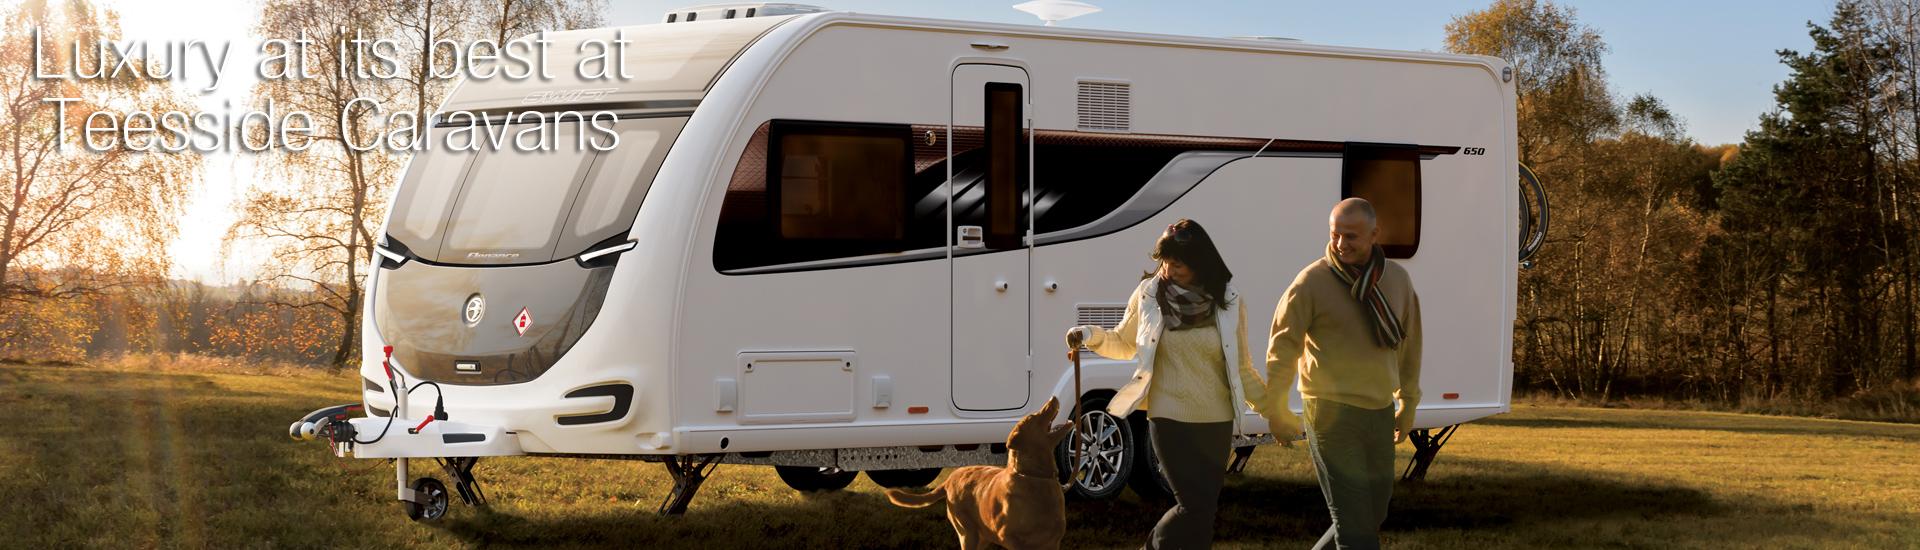 Luxury at its best at Teeside Caravans